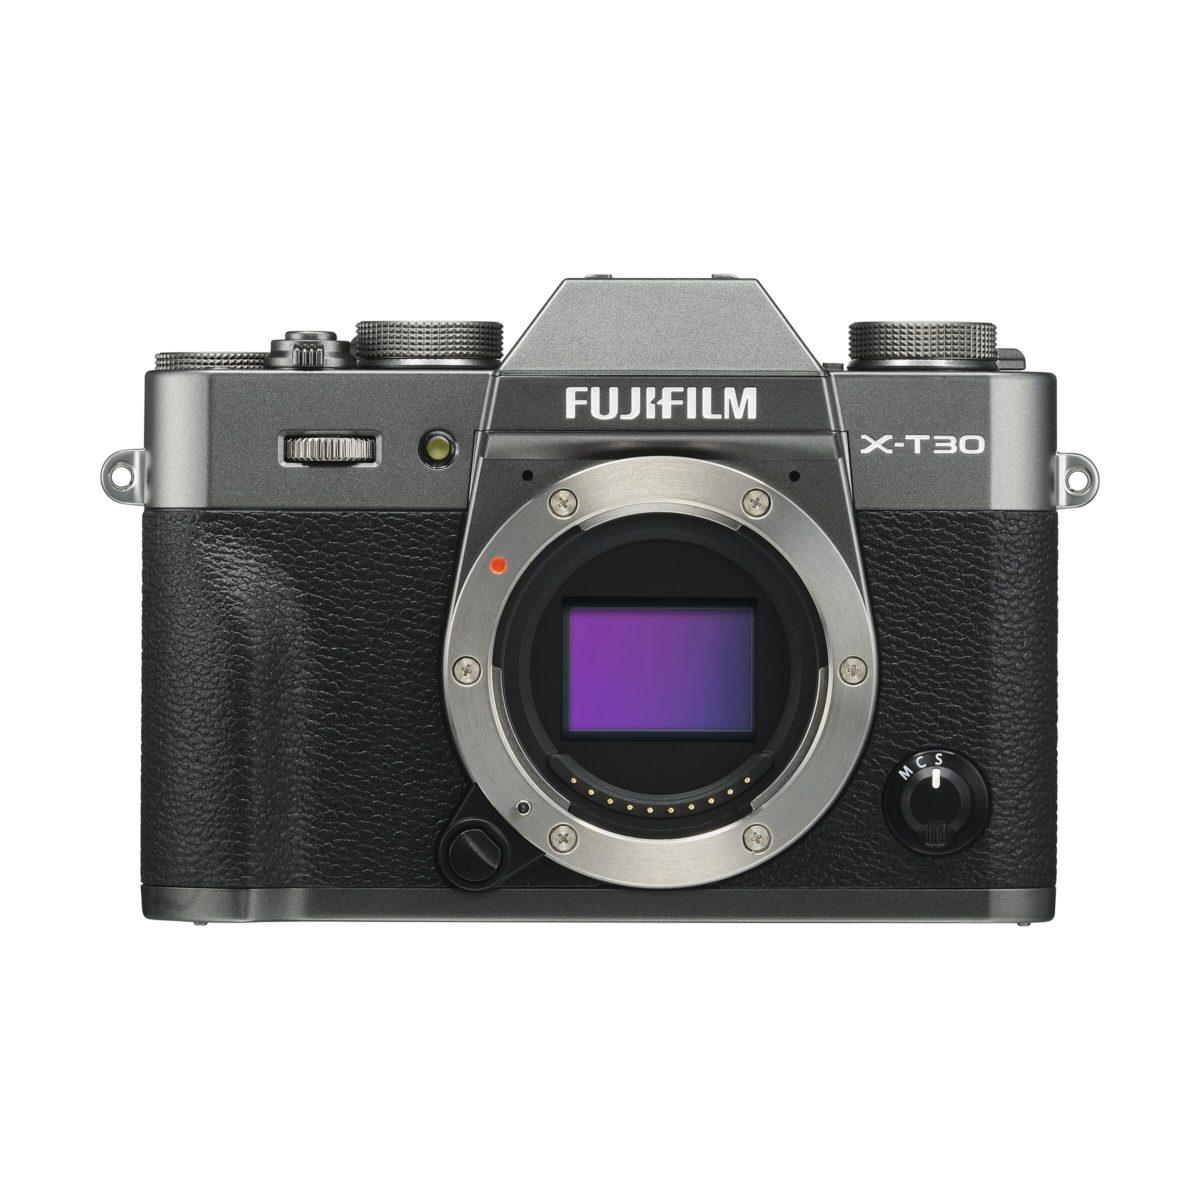 fujifilm_xt30_cc_01